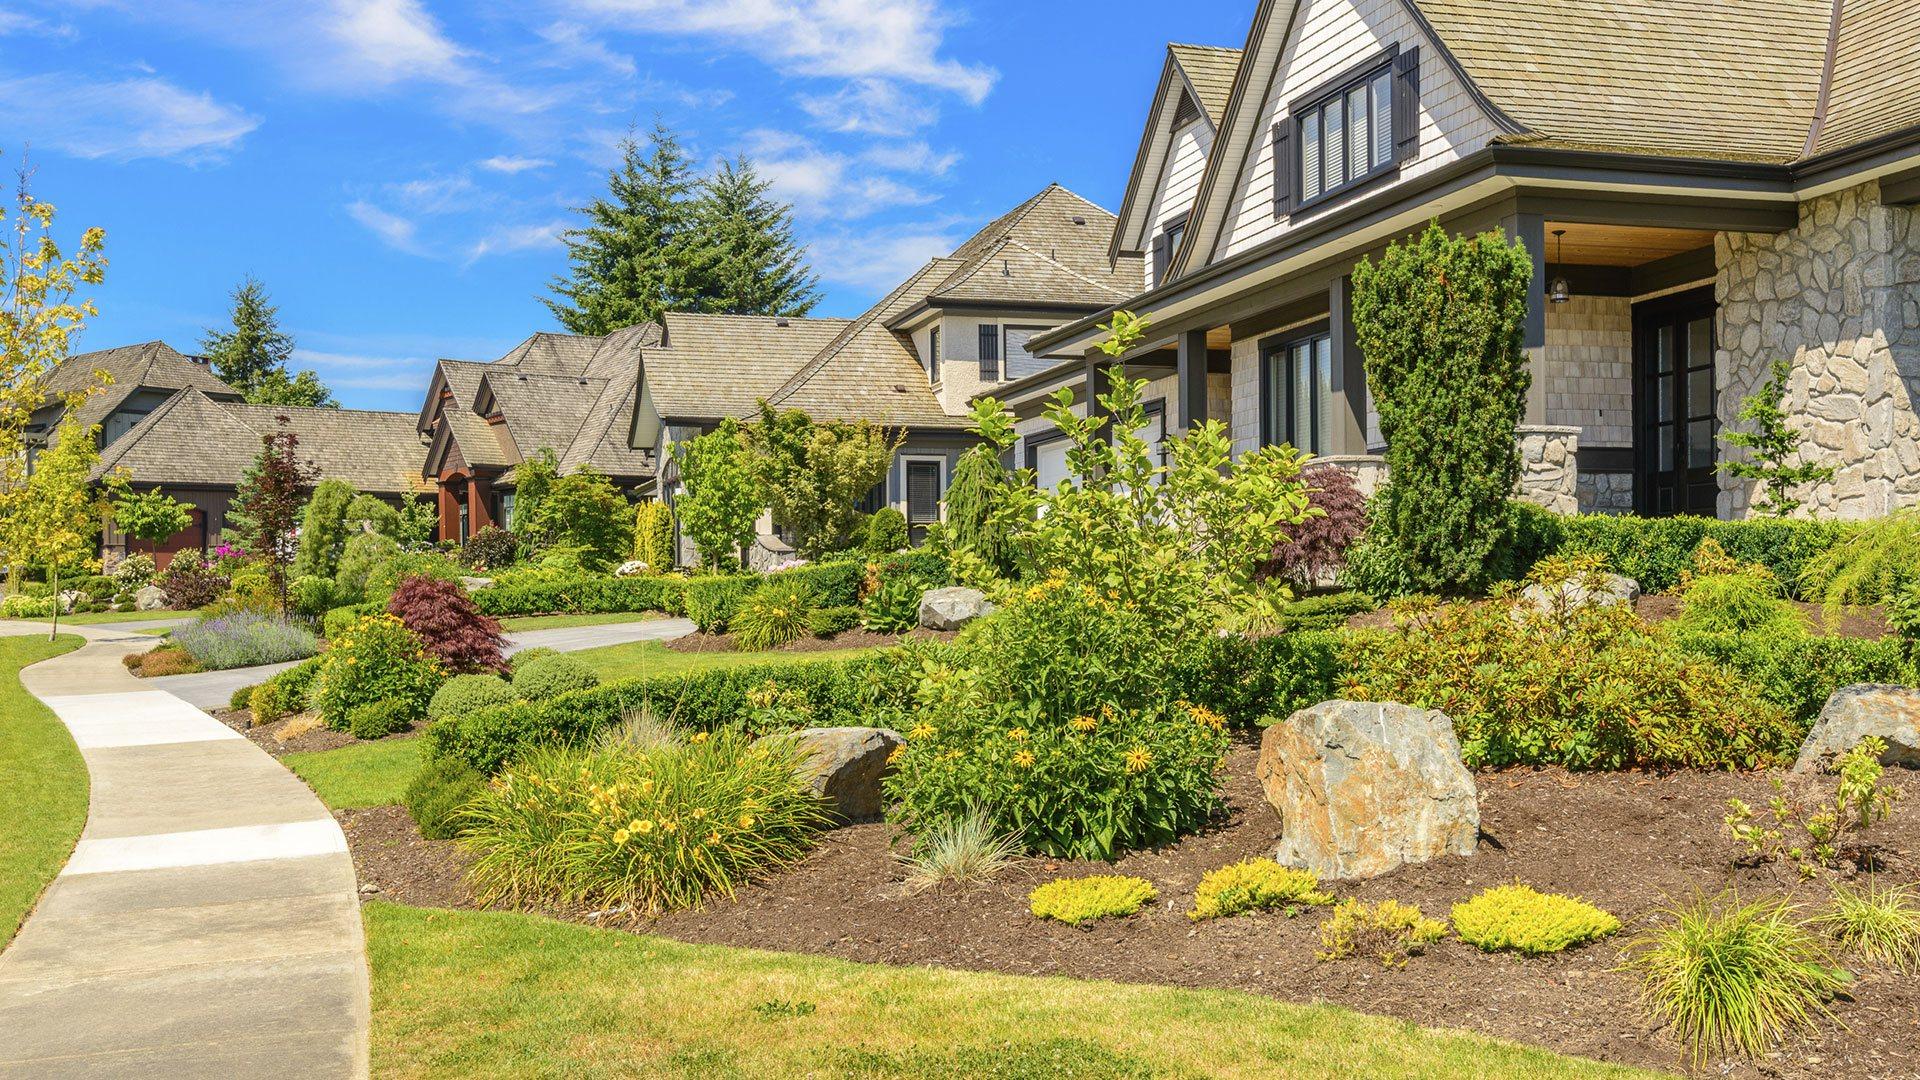 Schultz Landscape LLC Landscaping Company, Landscaping Services and Landscaper slide 2